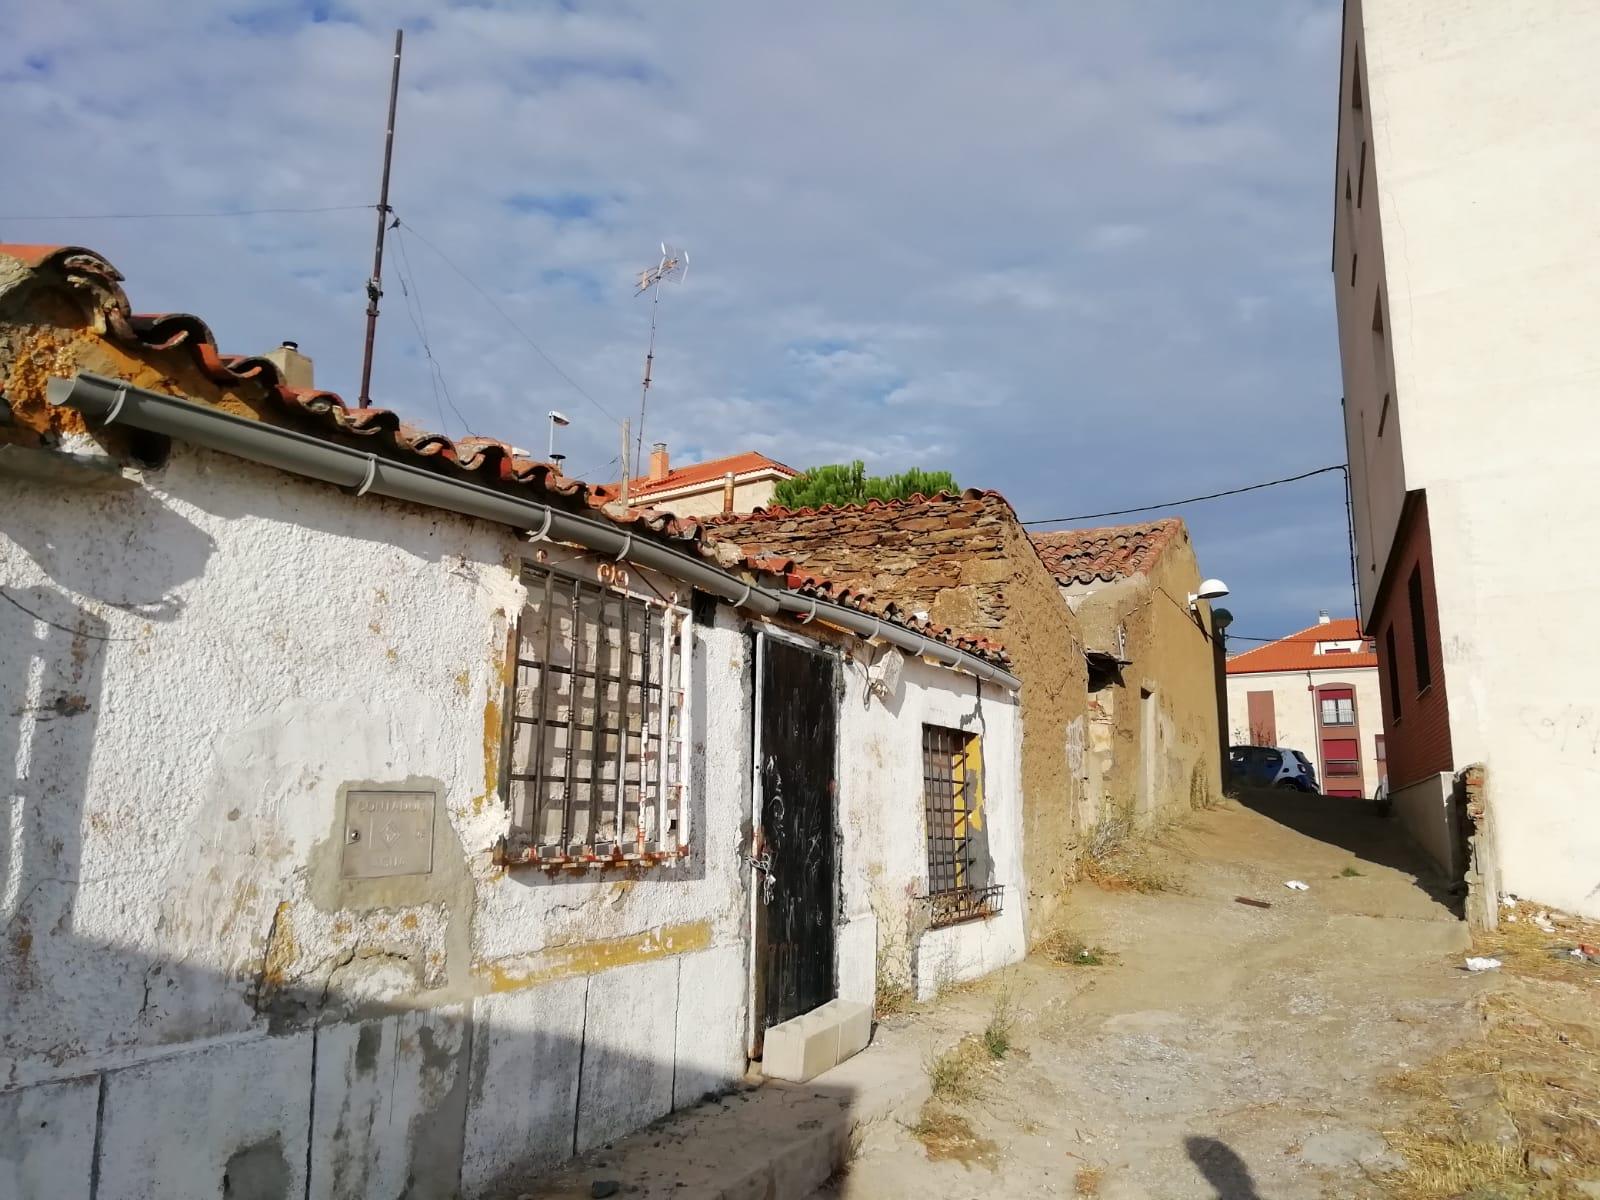 CASA PARA DERRUIR EN ZONA CEMENTERIO (REF: CORR-1) - foto 3 a76b0898-dabe-47e7-968b-a60c7602c8ae.jpg